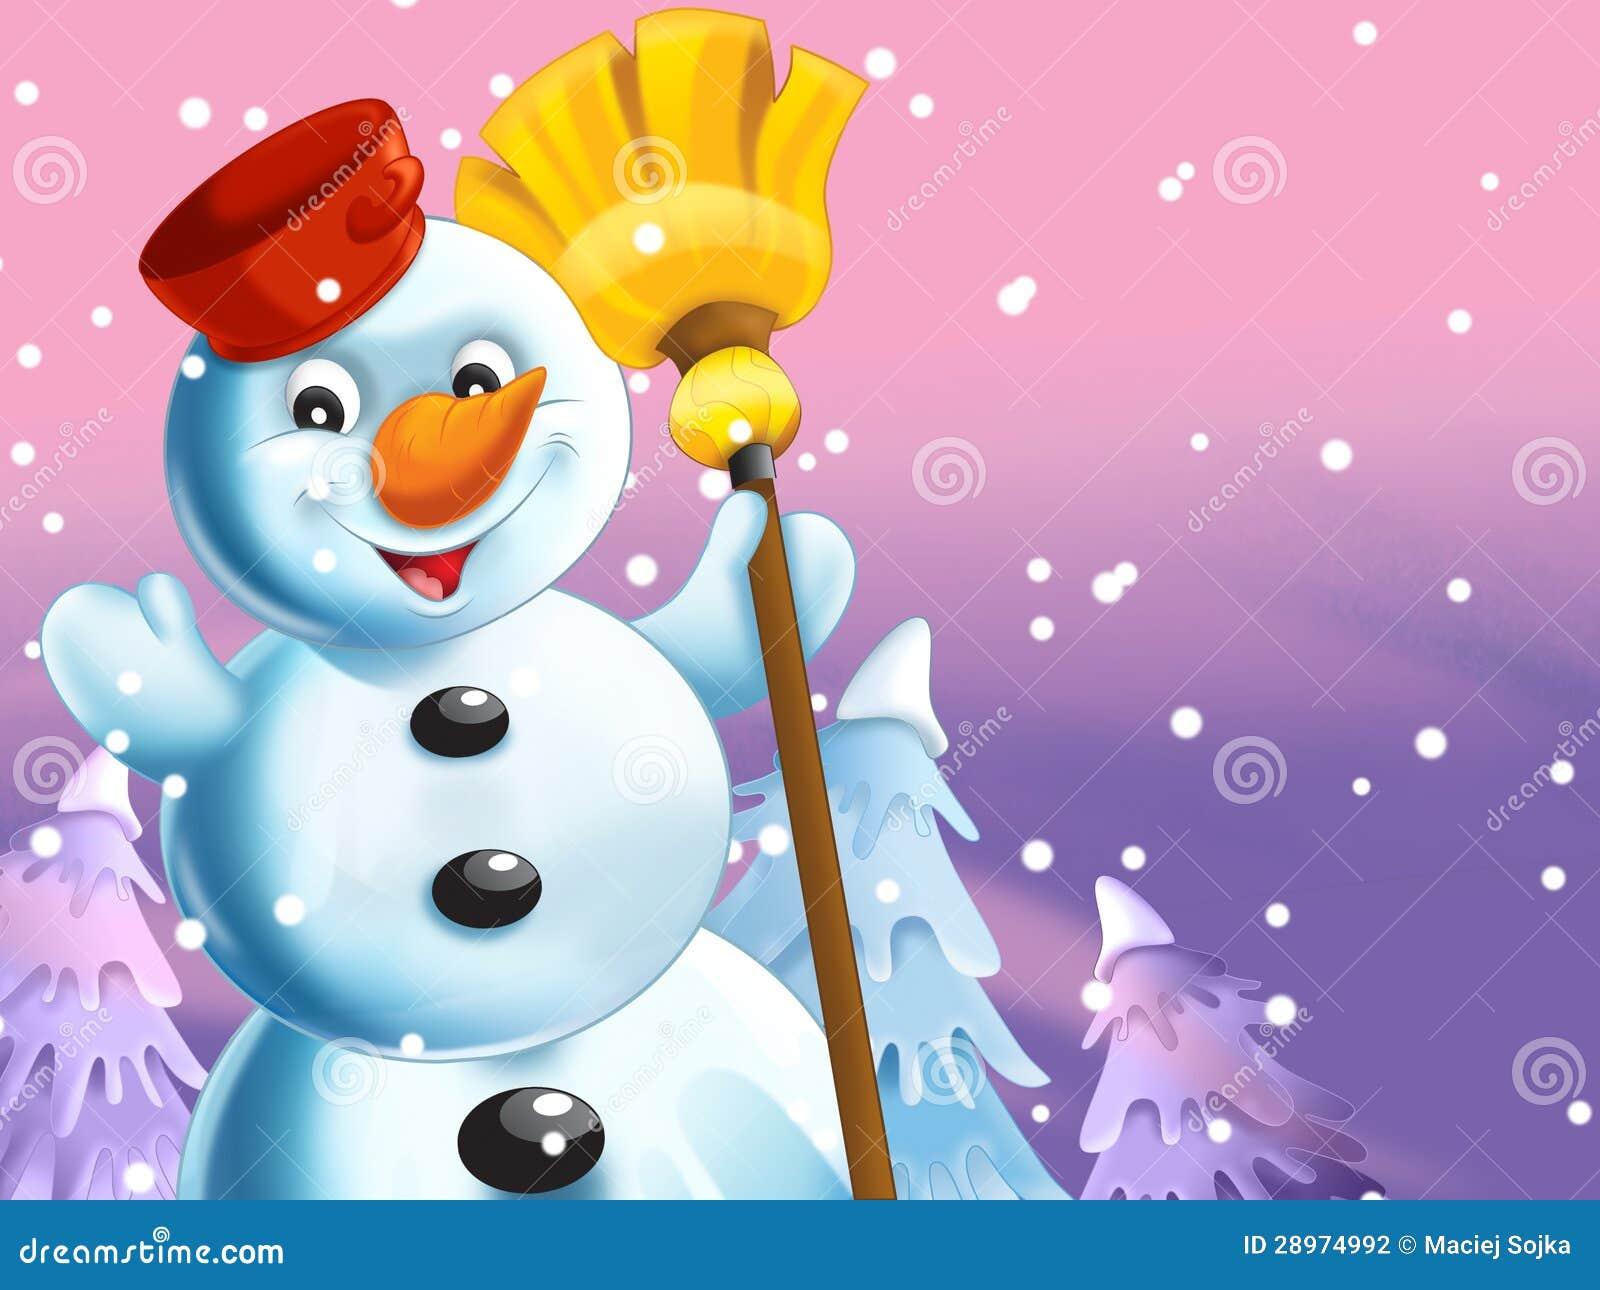 Szczęśliwy bałwan w boże narodzenie nastroju - płatki śniegu